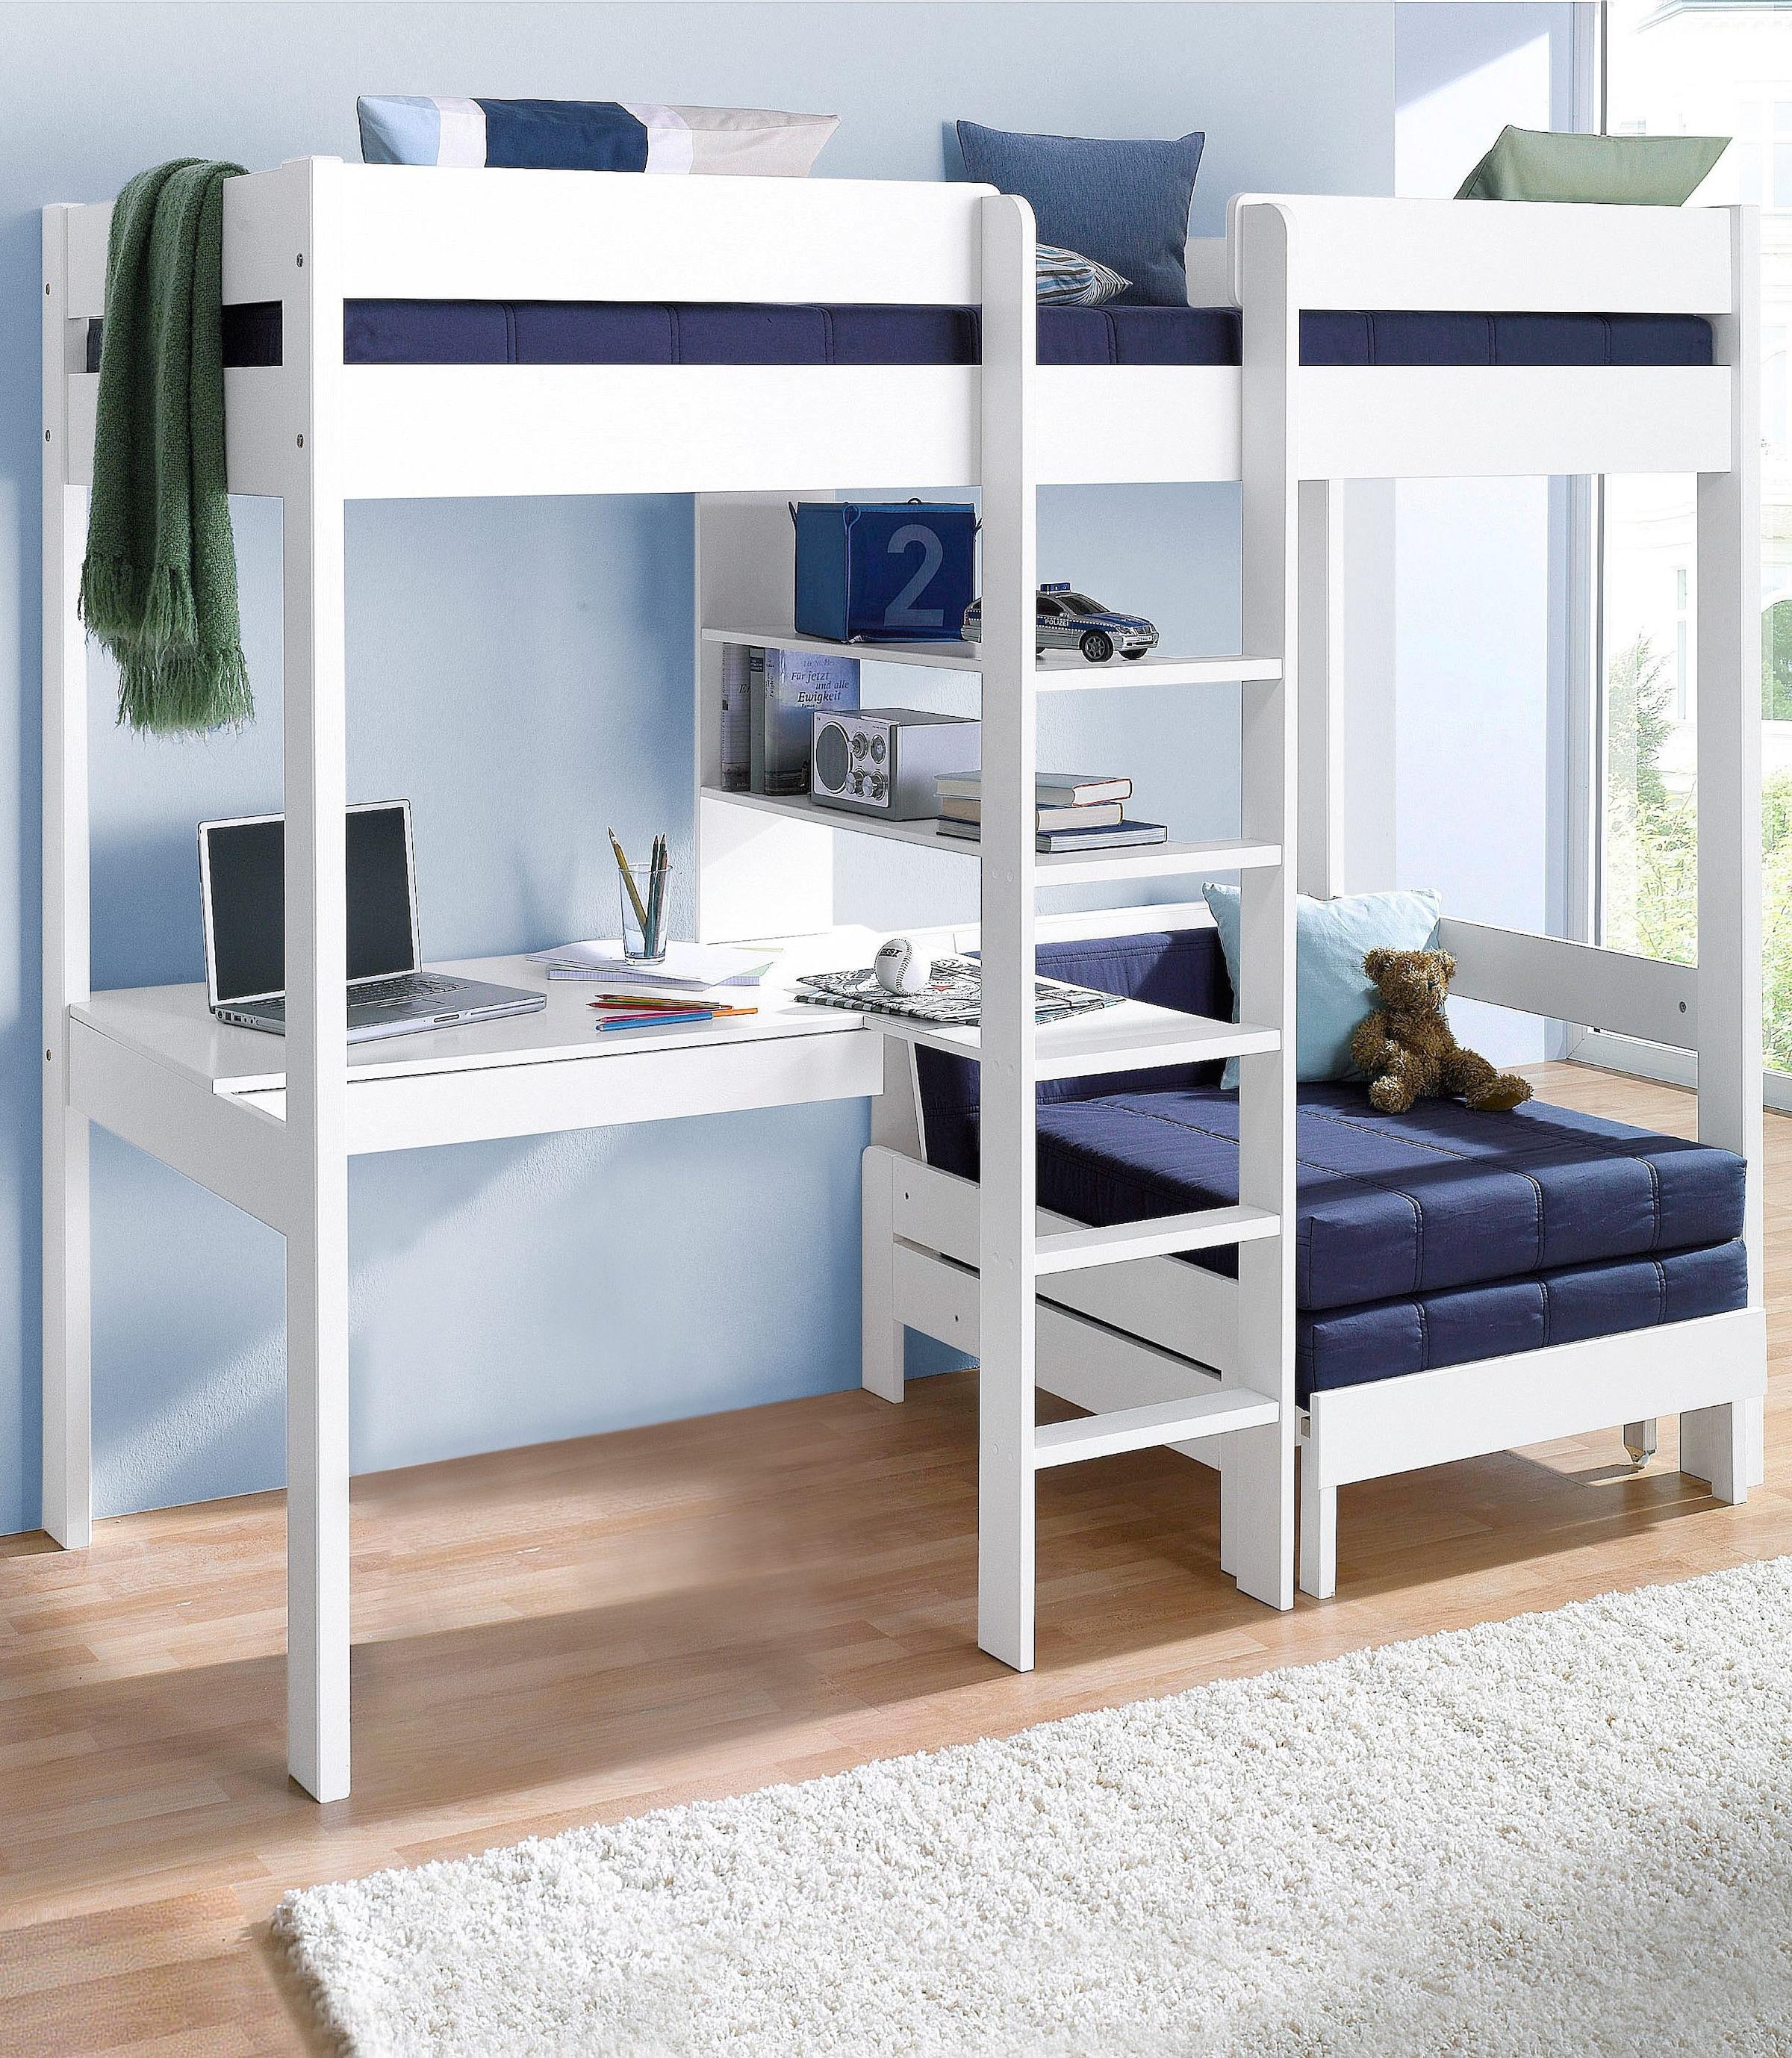 Etagenbett Vorhang Set Mädchen : Etagenbetten günstig online kaufen real